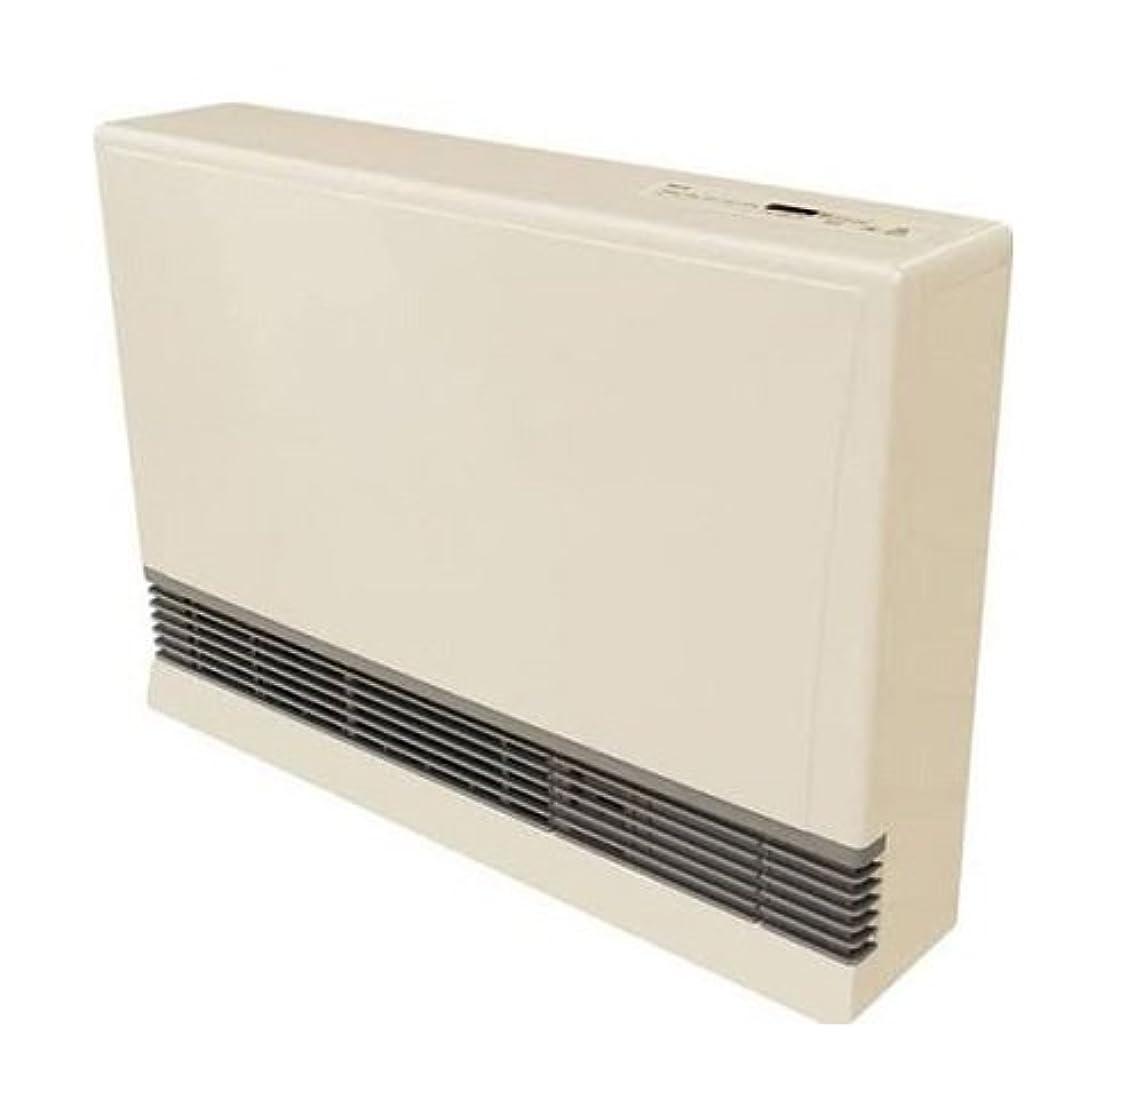 不振男やもめウッズRinnai EX38CTLP Direct Vent Space Heater - Liquid Propane BEIGE, 141[並行輸入]